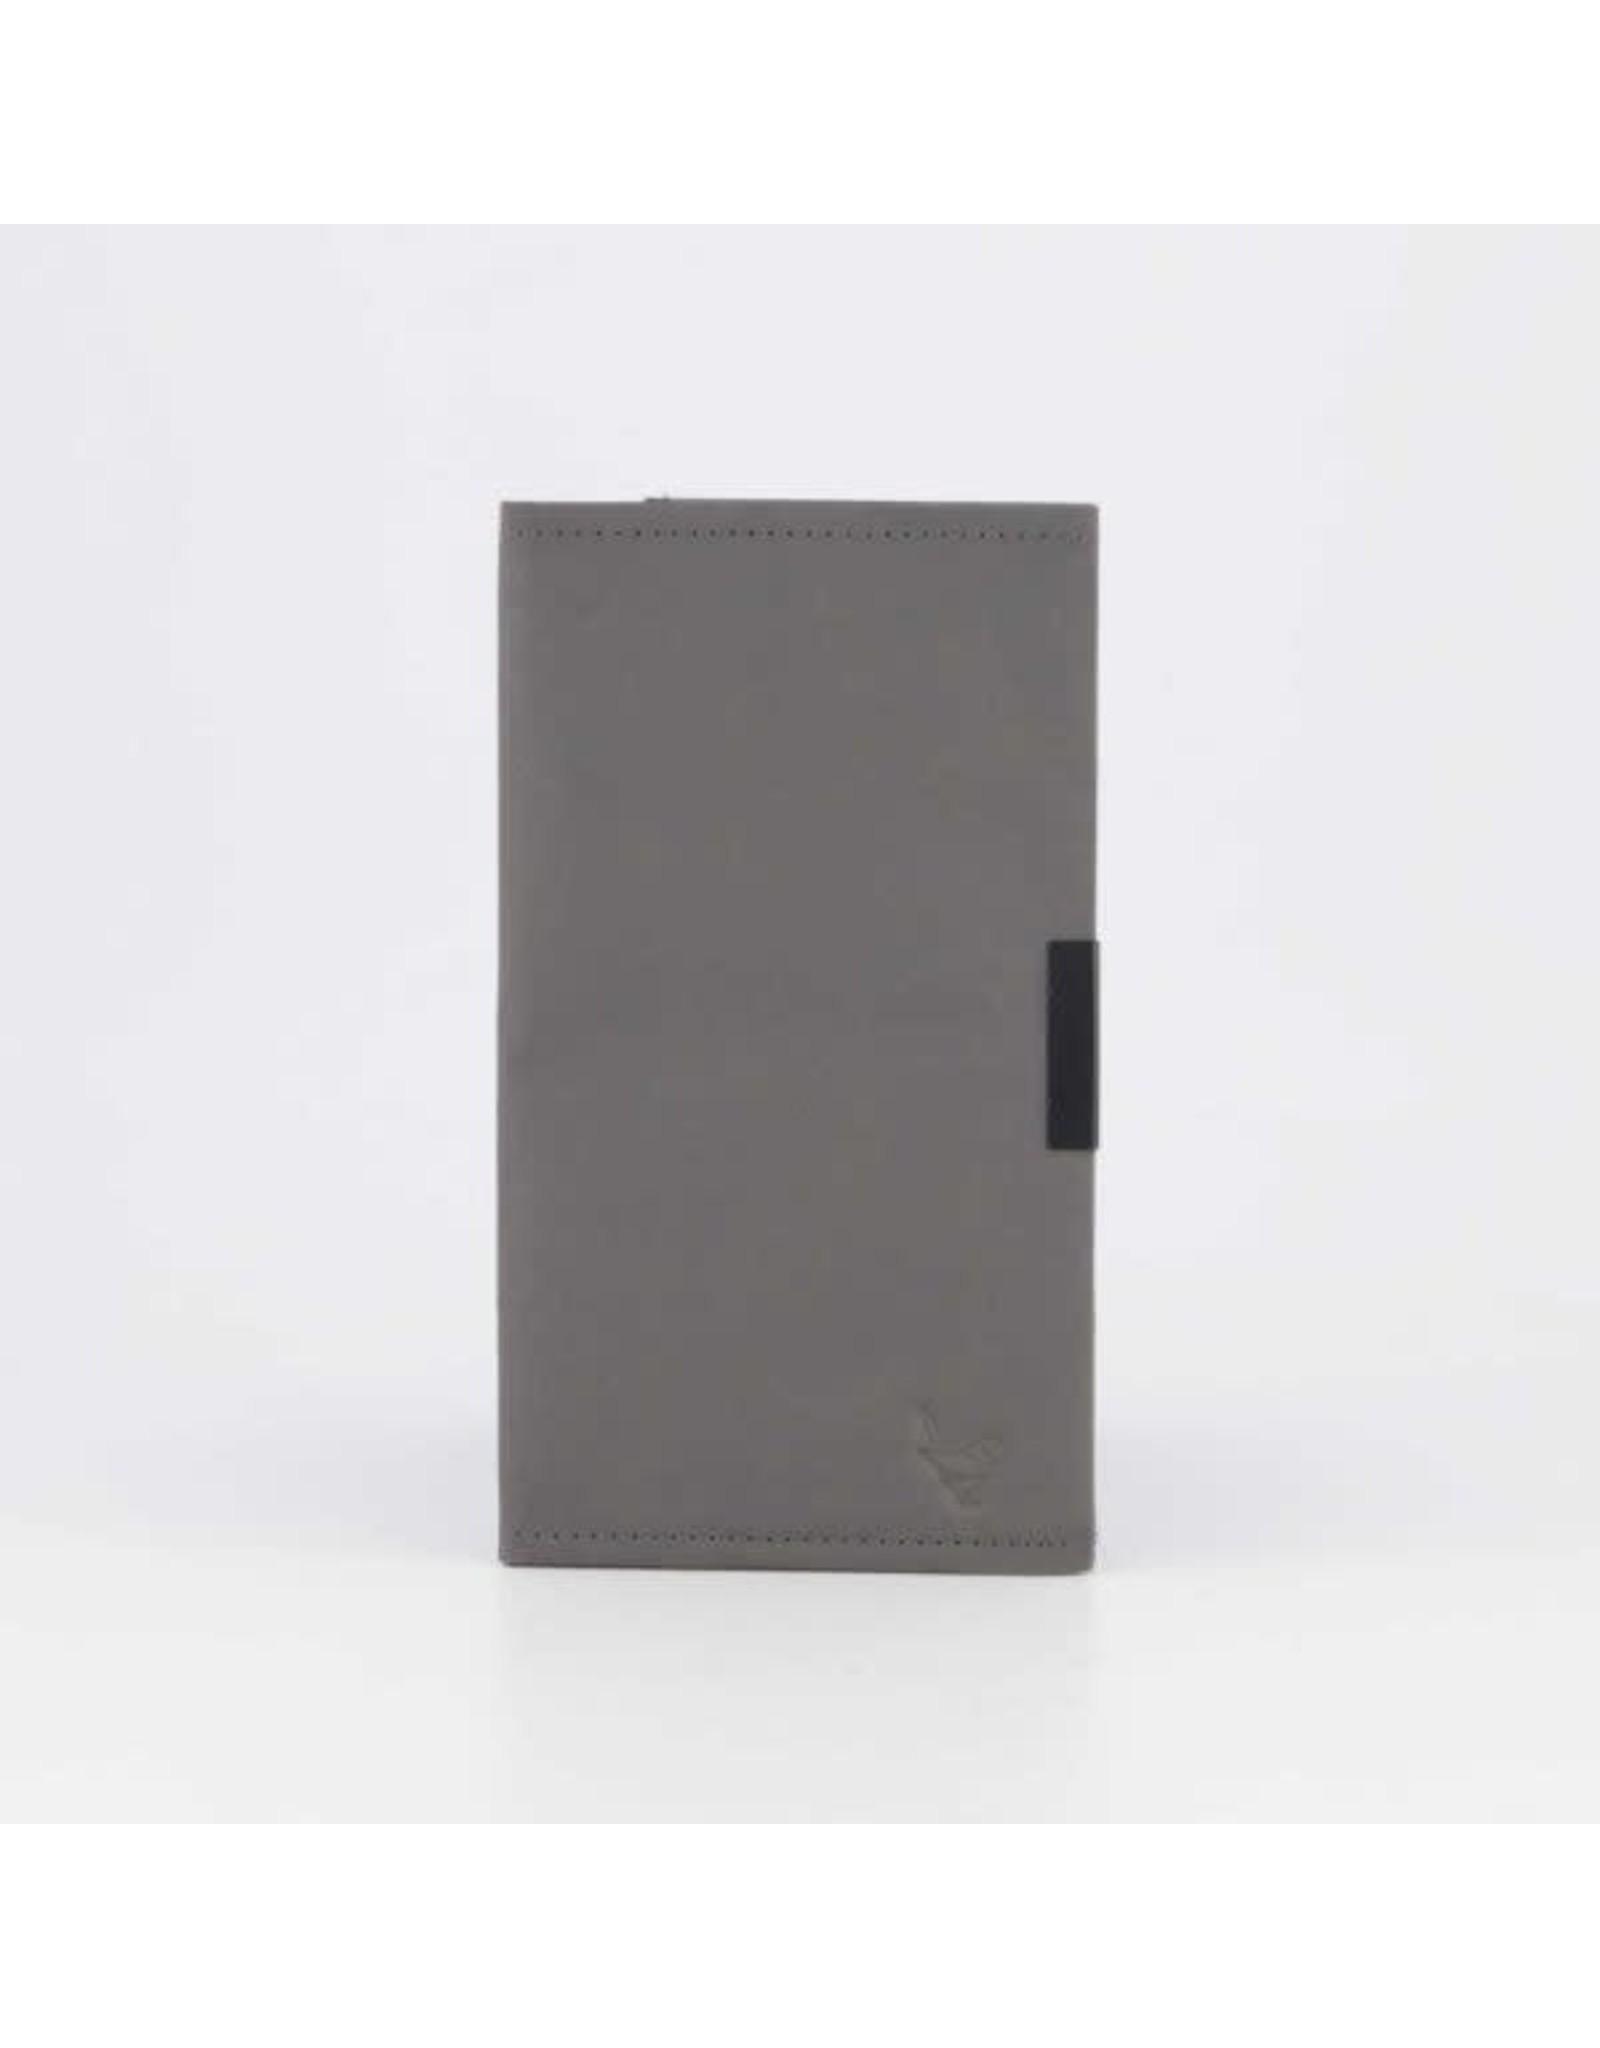 The Wren Design Paper Travel Folder